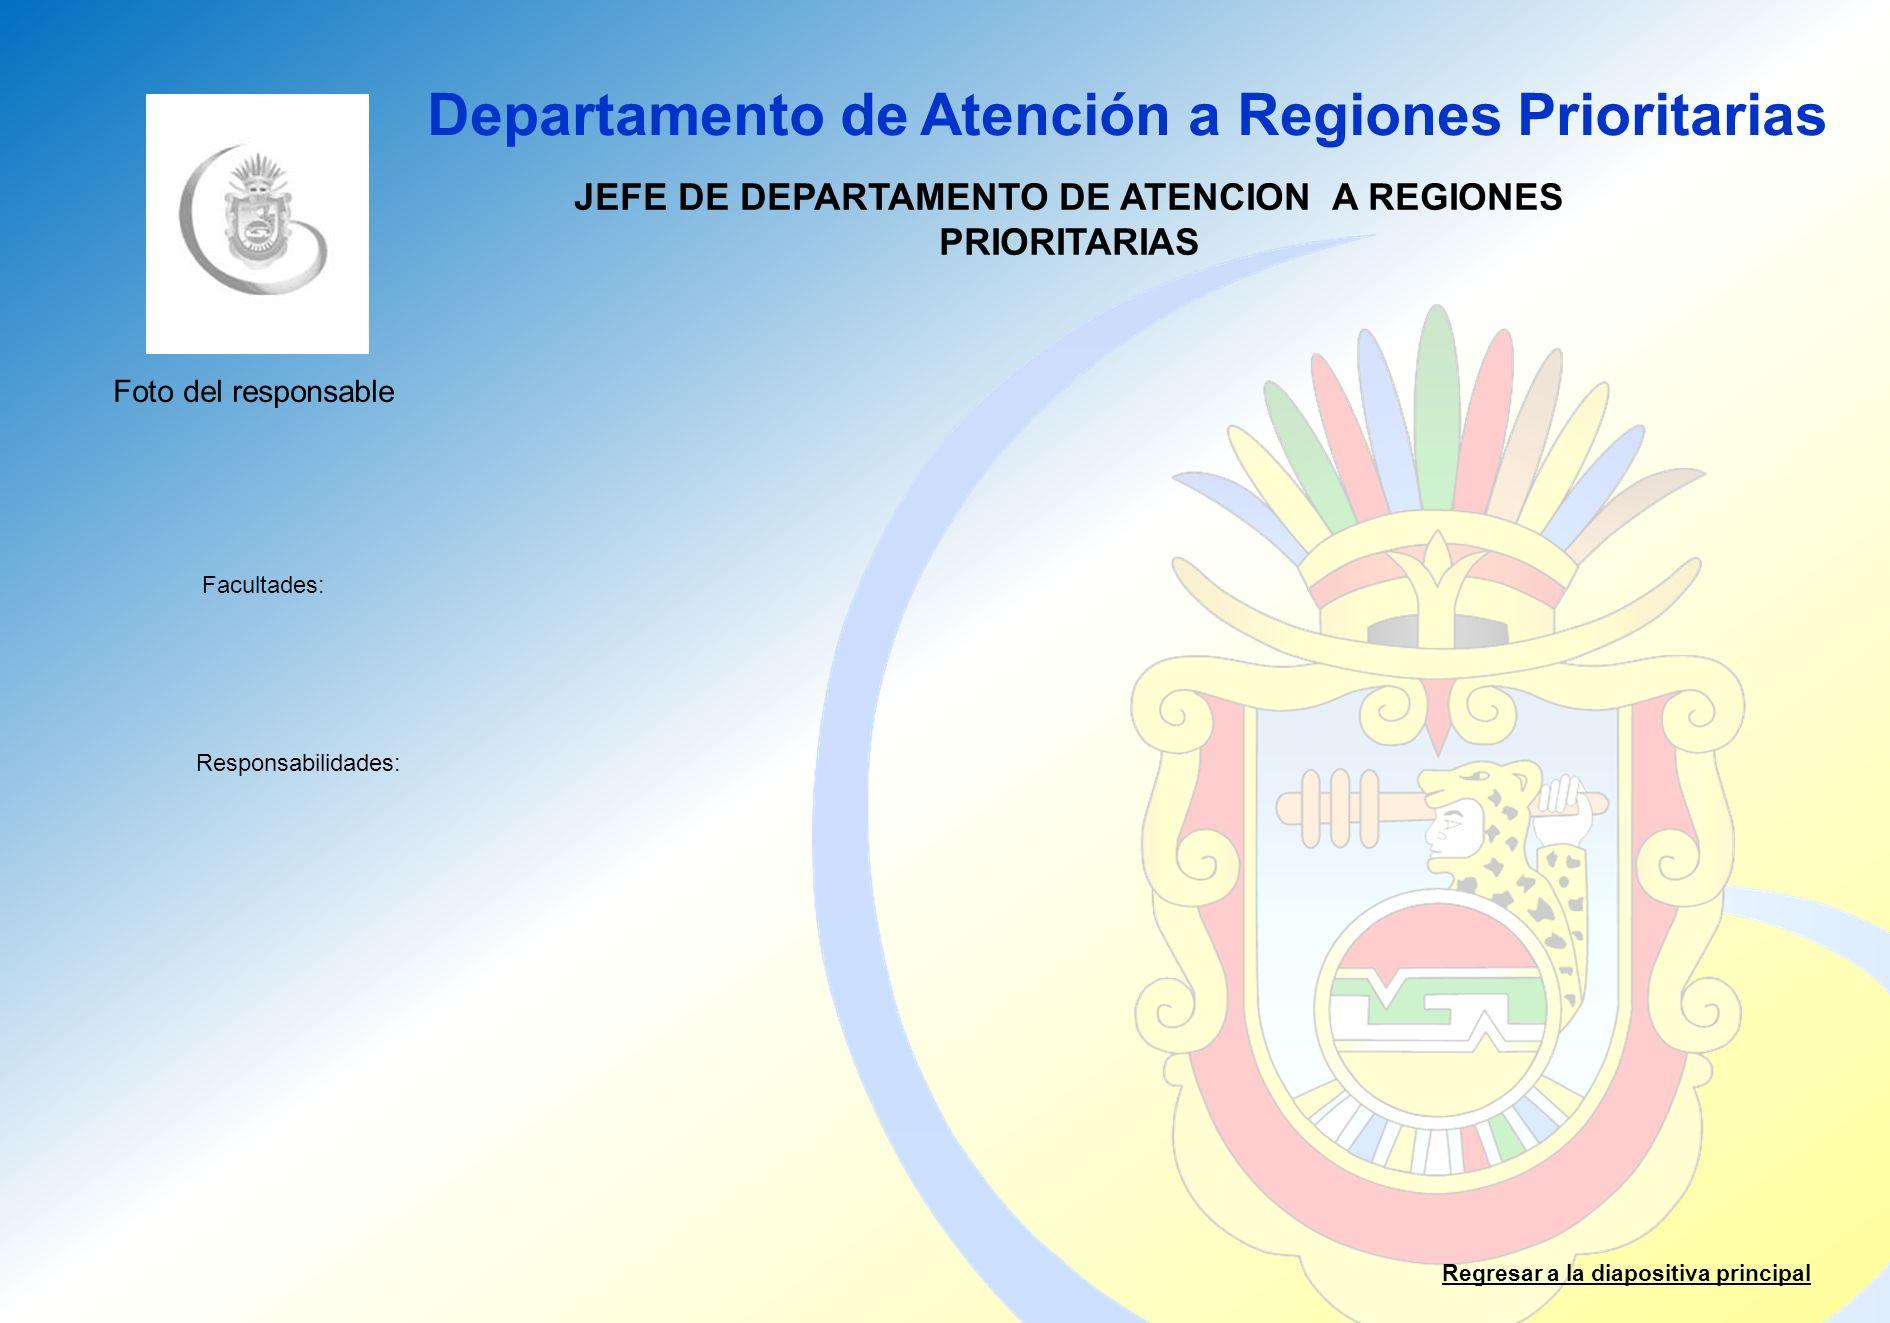 JEFE DE DEPARTAMENTO DE ATENCION A REGIONES PRIORITARIAS